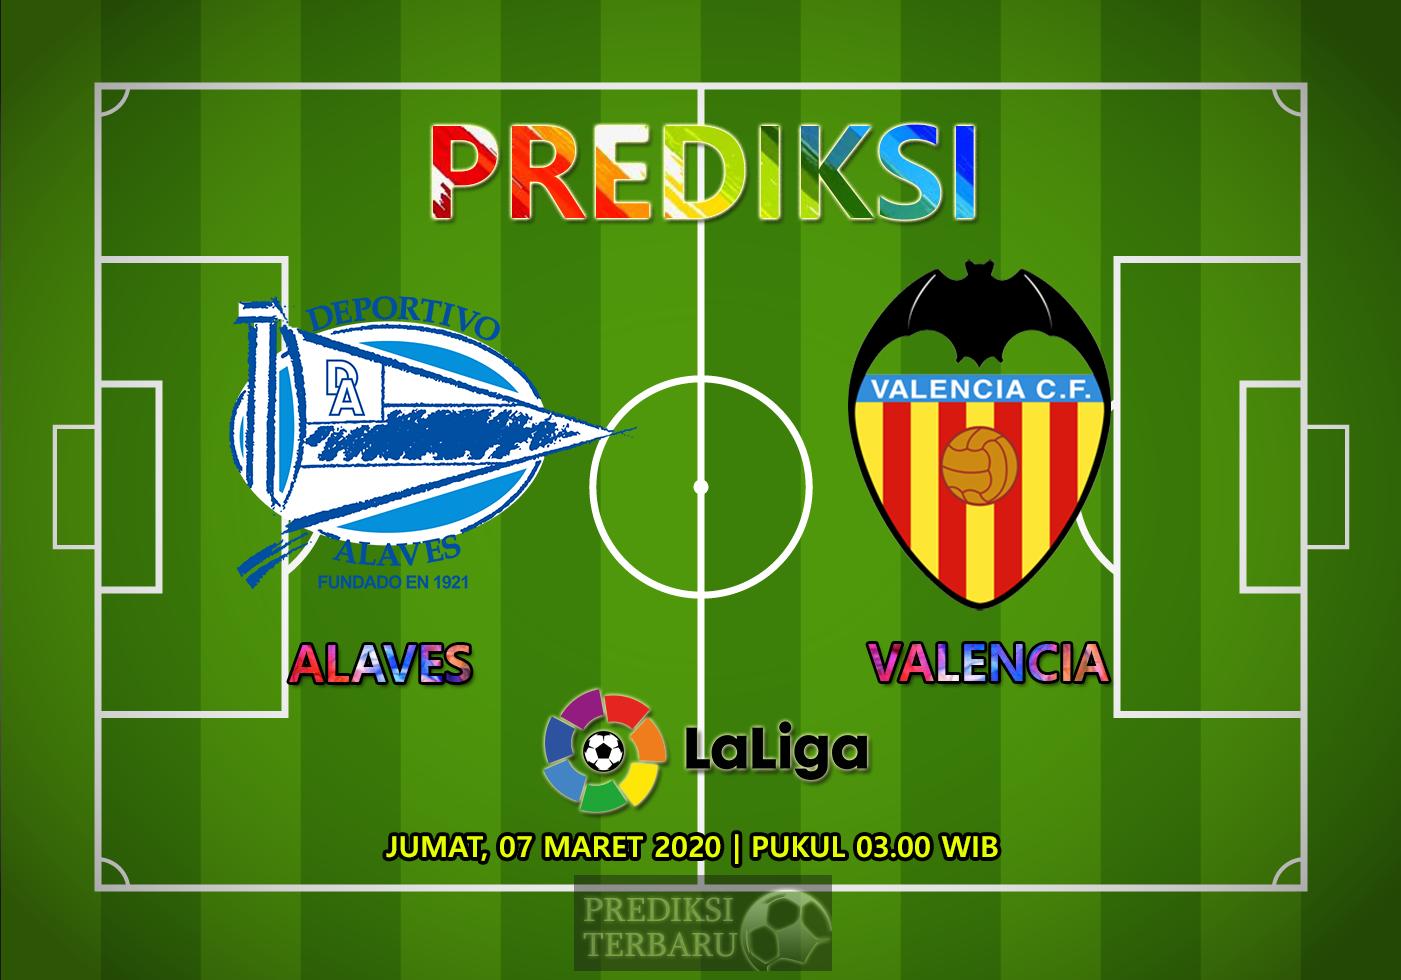 Prediksi Alaves Vs Valencia Sabtu 07 Maret